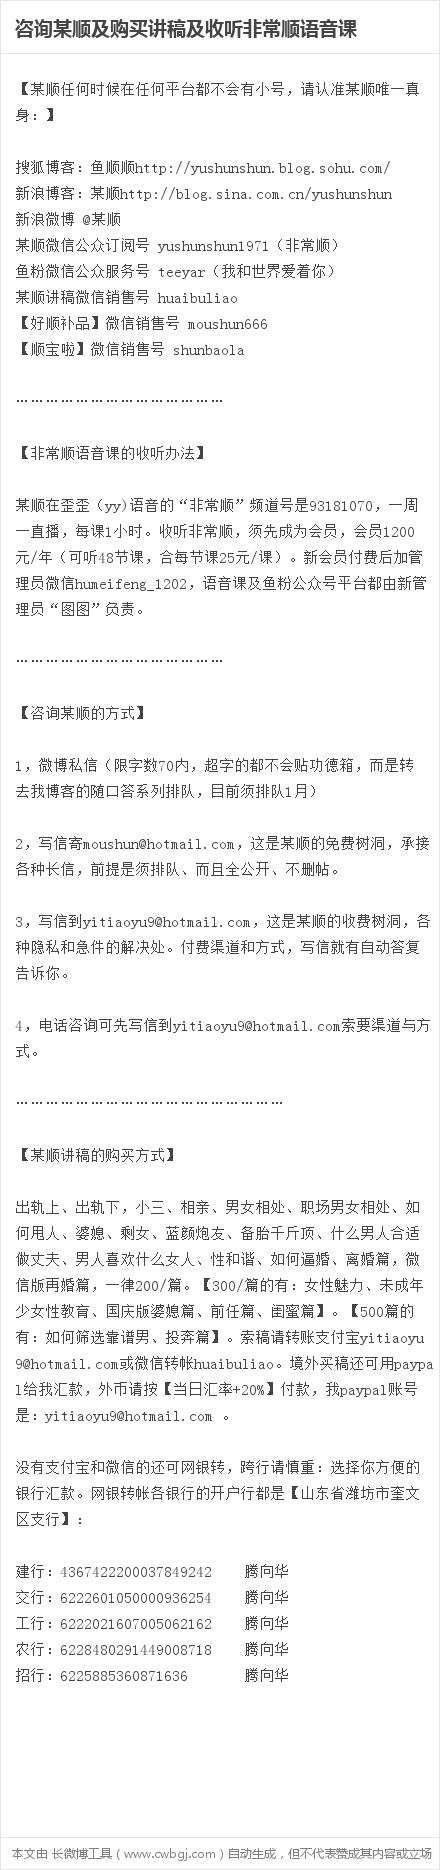 顺口答二二三零 - yushunshun - 鱼顺顺的博客